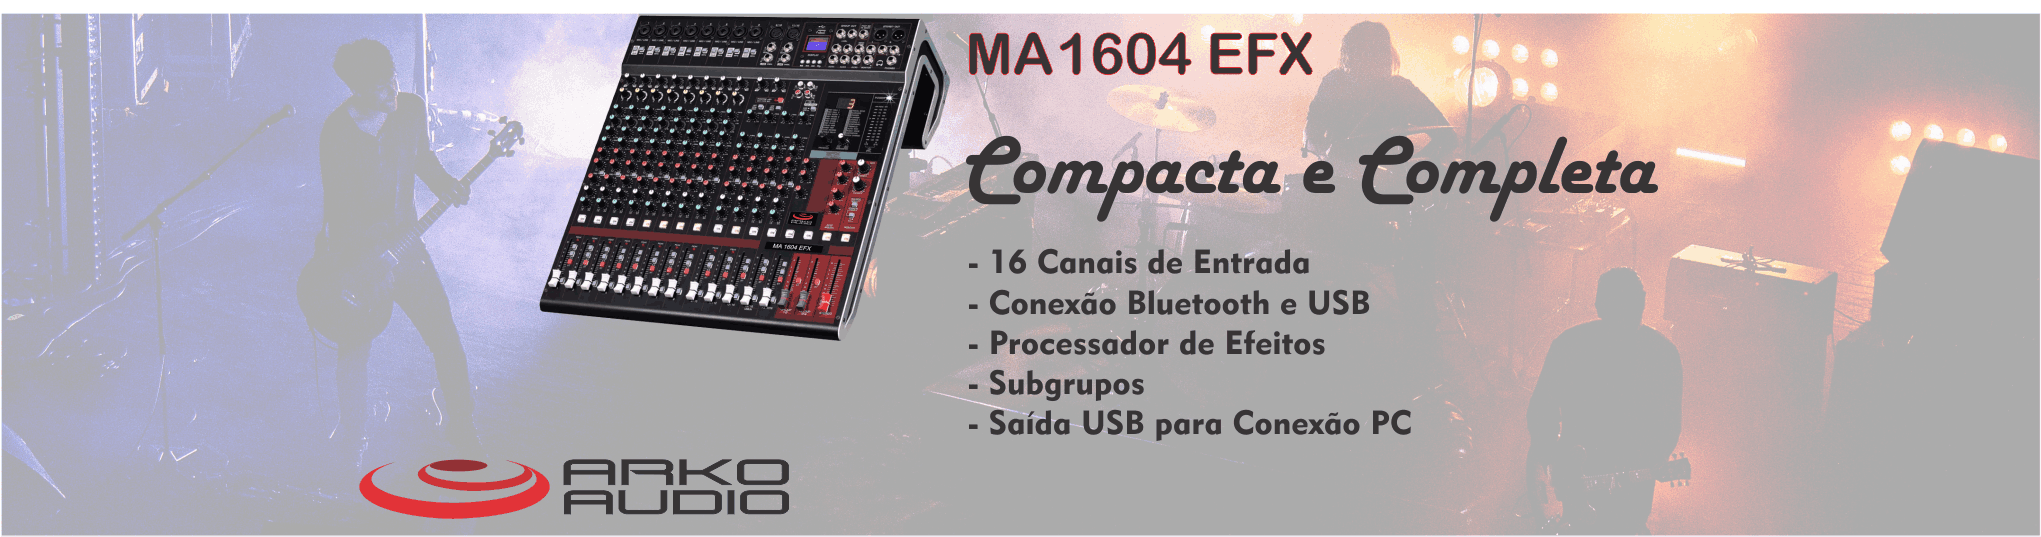 MA1604 EFX